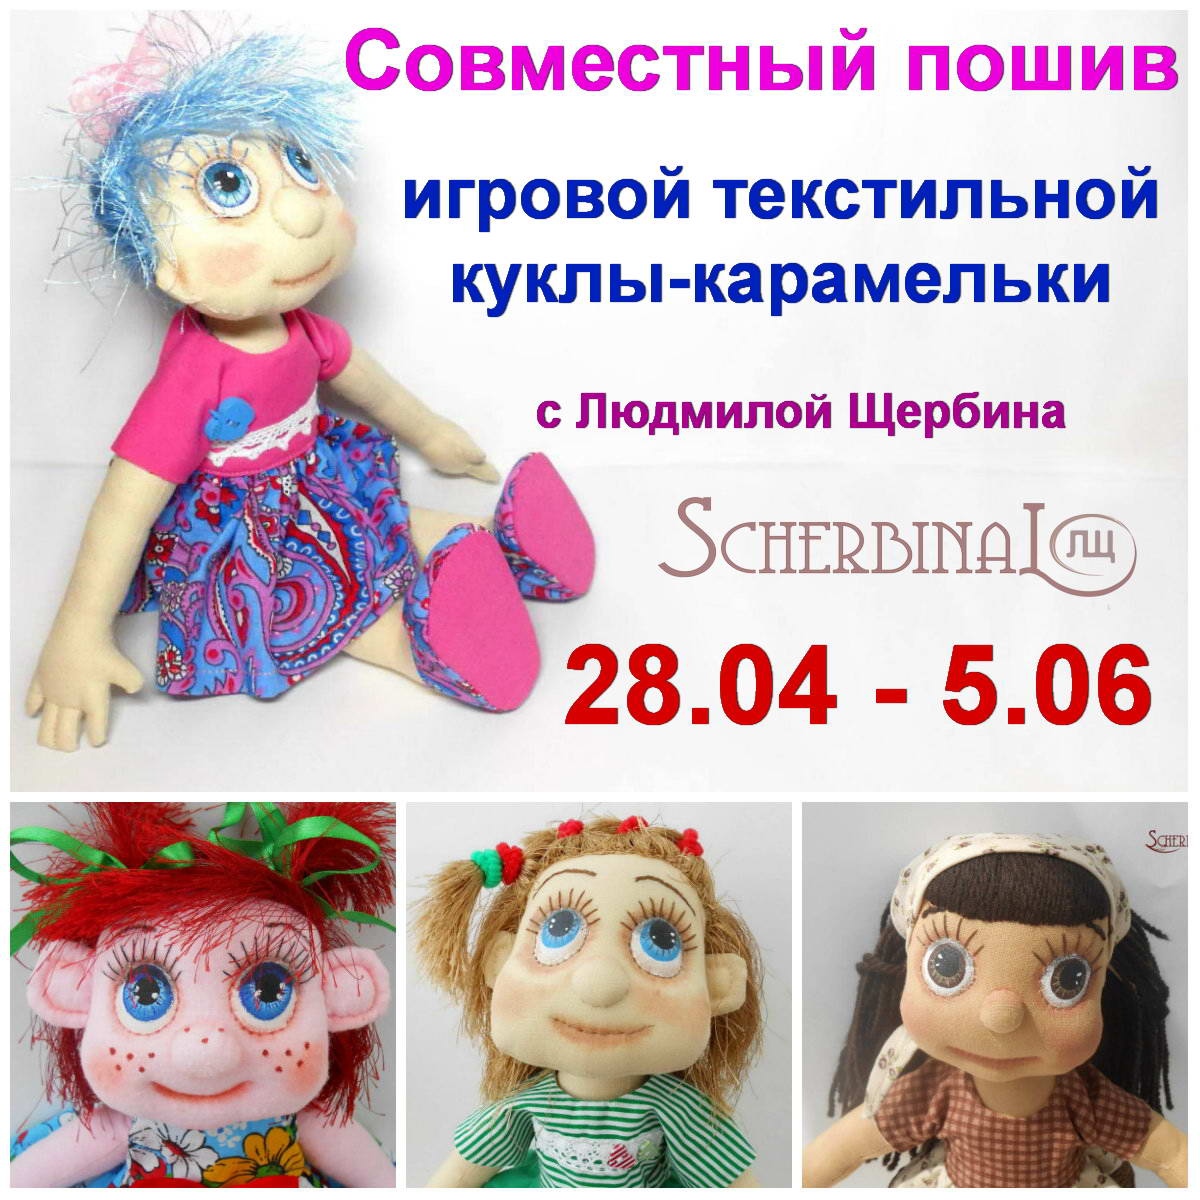 СП с Людмилой Щербиной